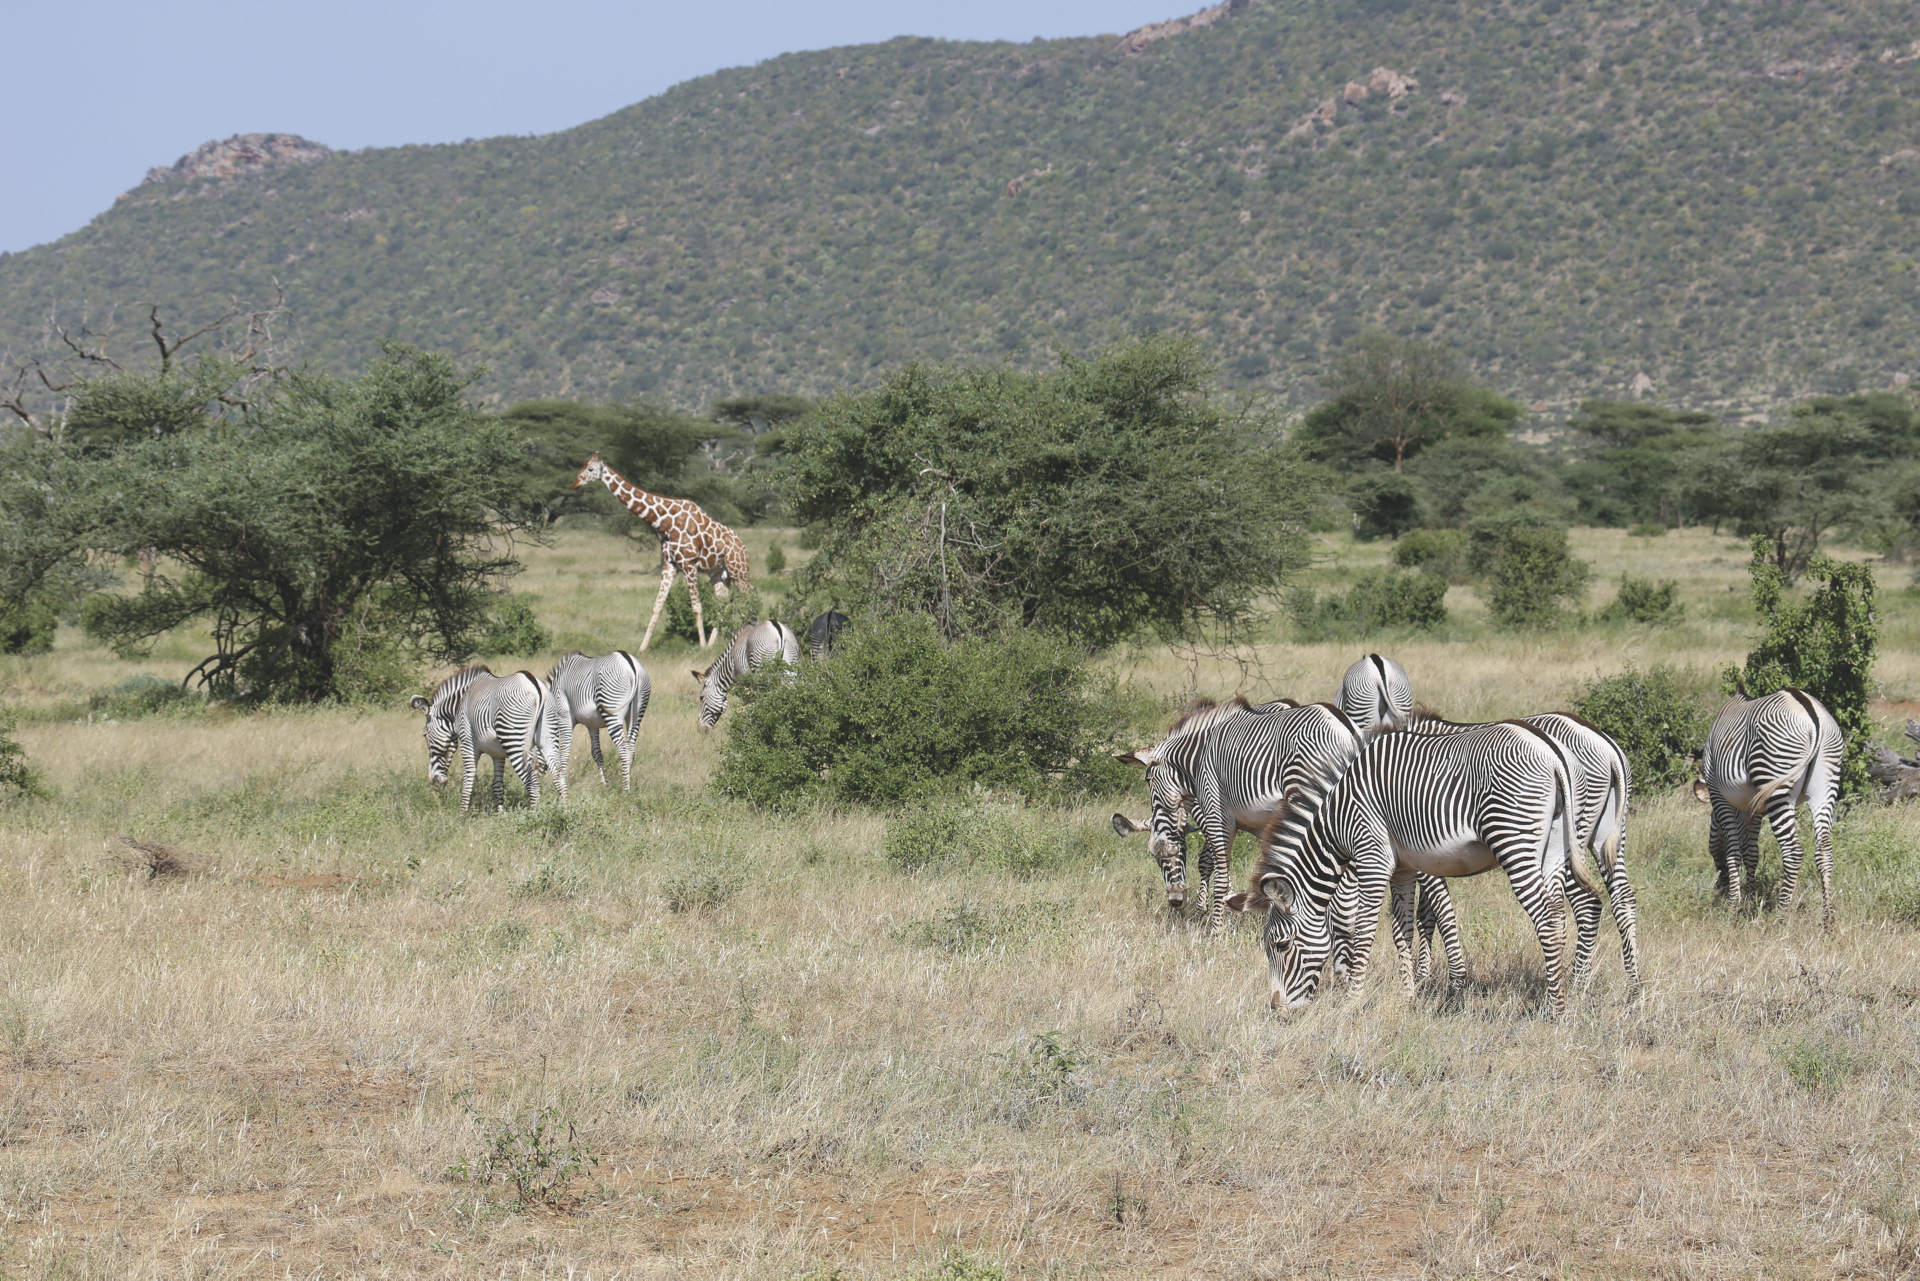 Kenia aus dem Bilderbuch, ©Thomas Kimmel